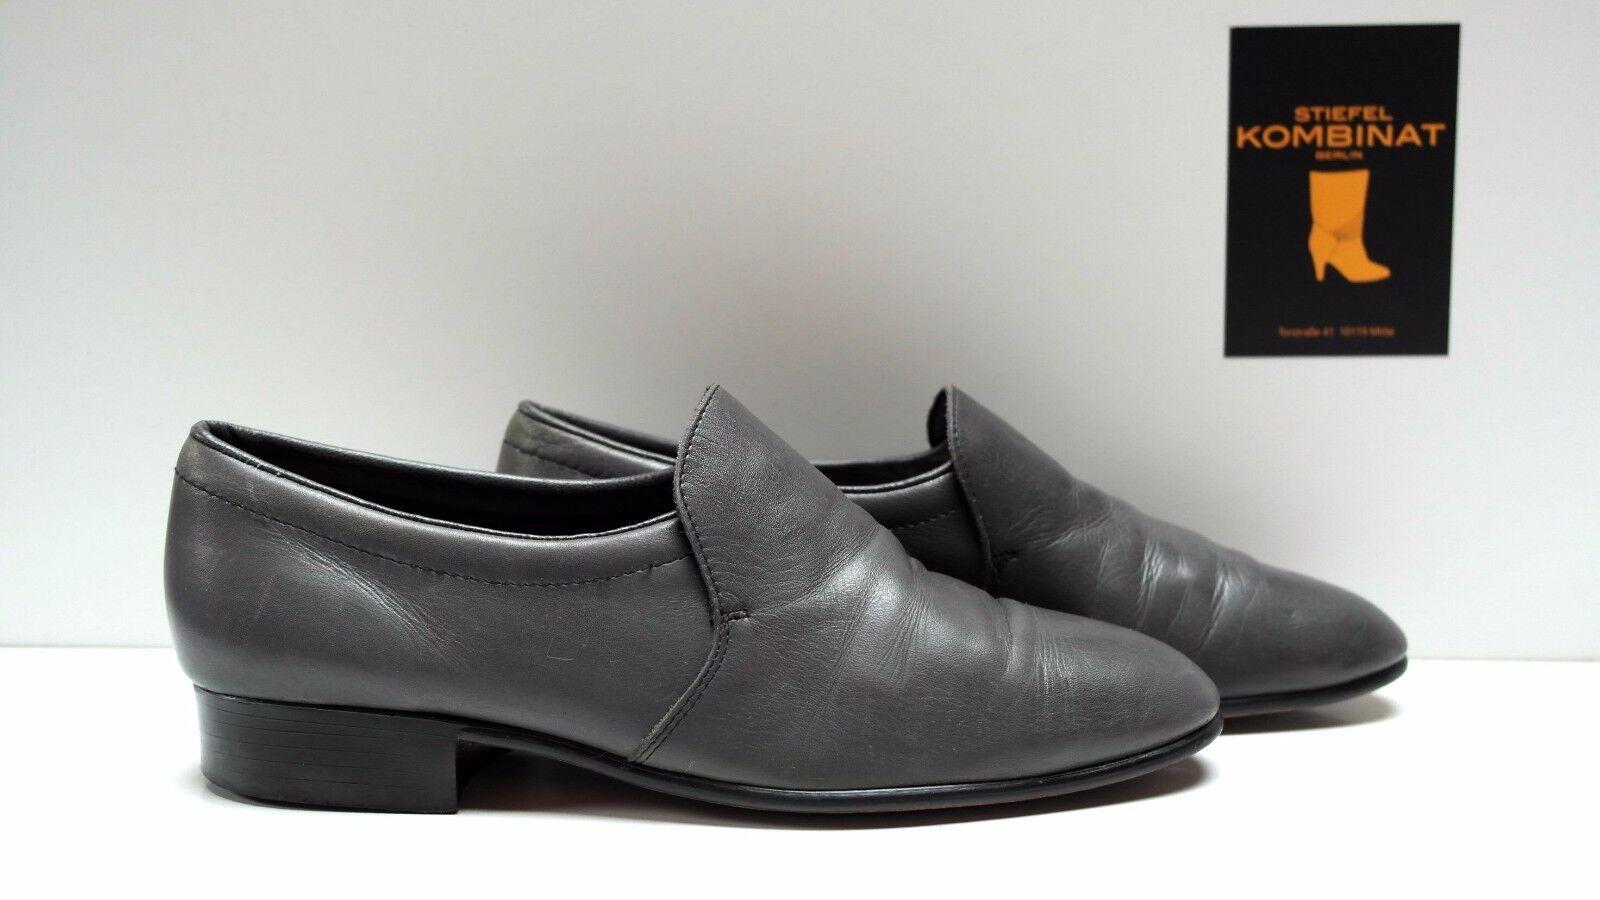 Gallus Herren Schuhe Halbschuhe Leder D 40 UK 6,5 Slipper Loafer TRUE VINTAGE